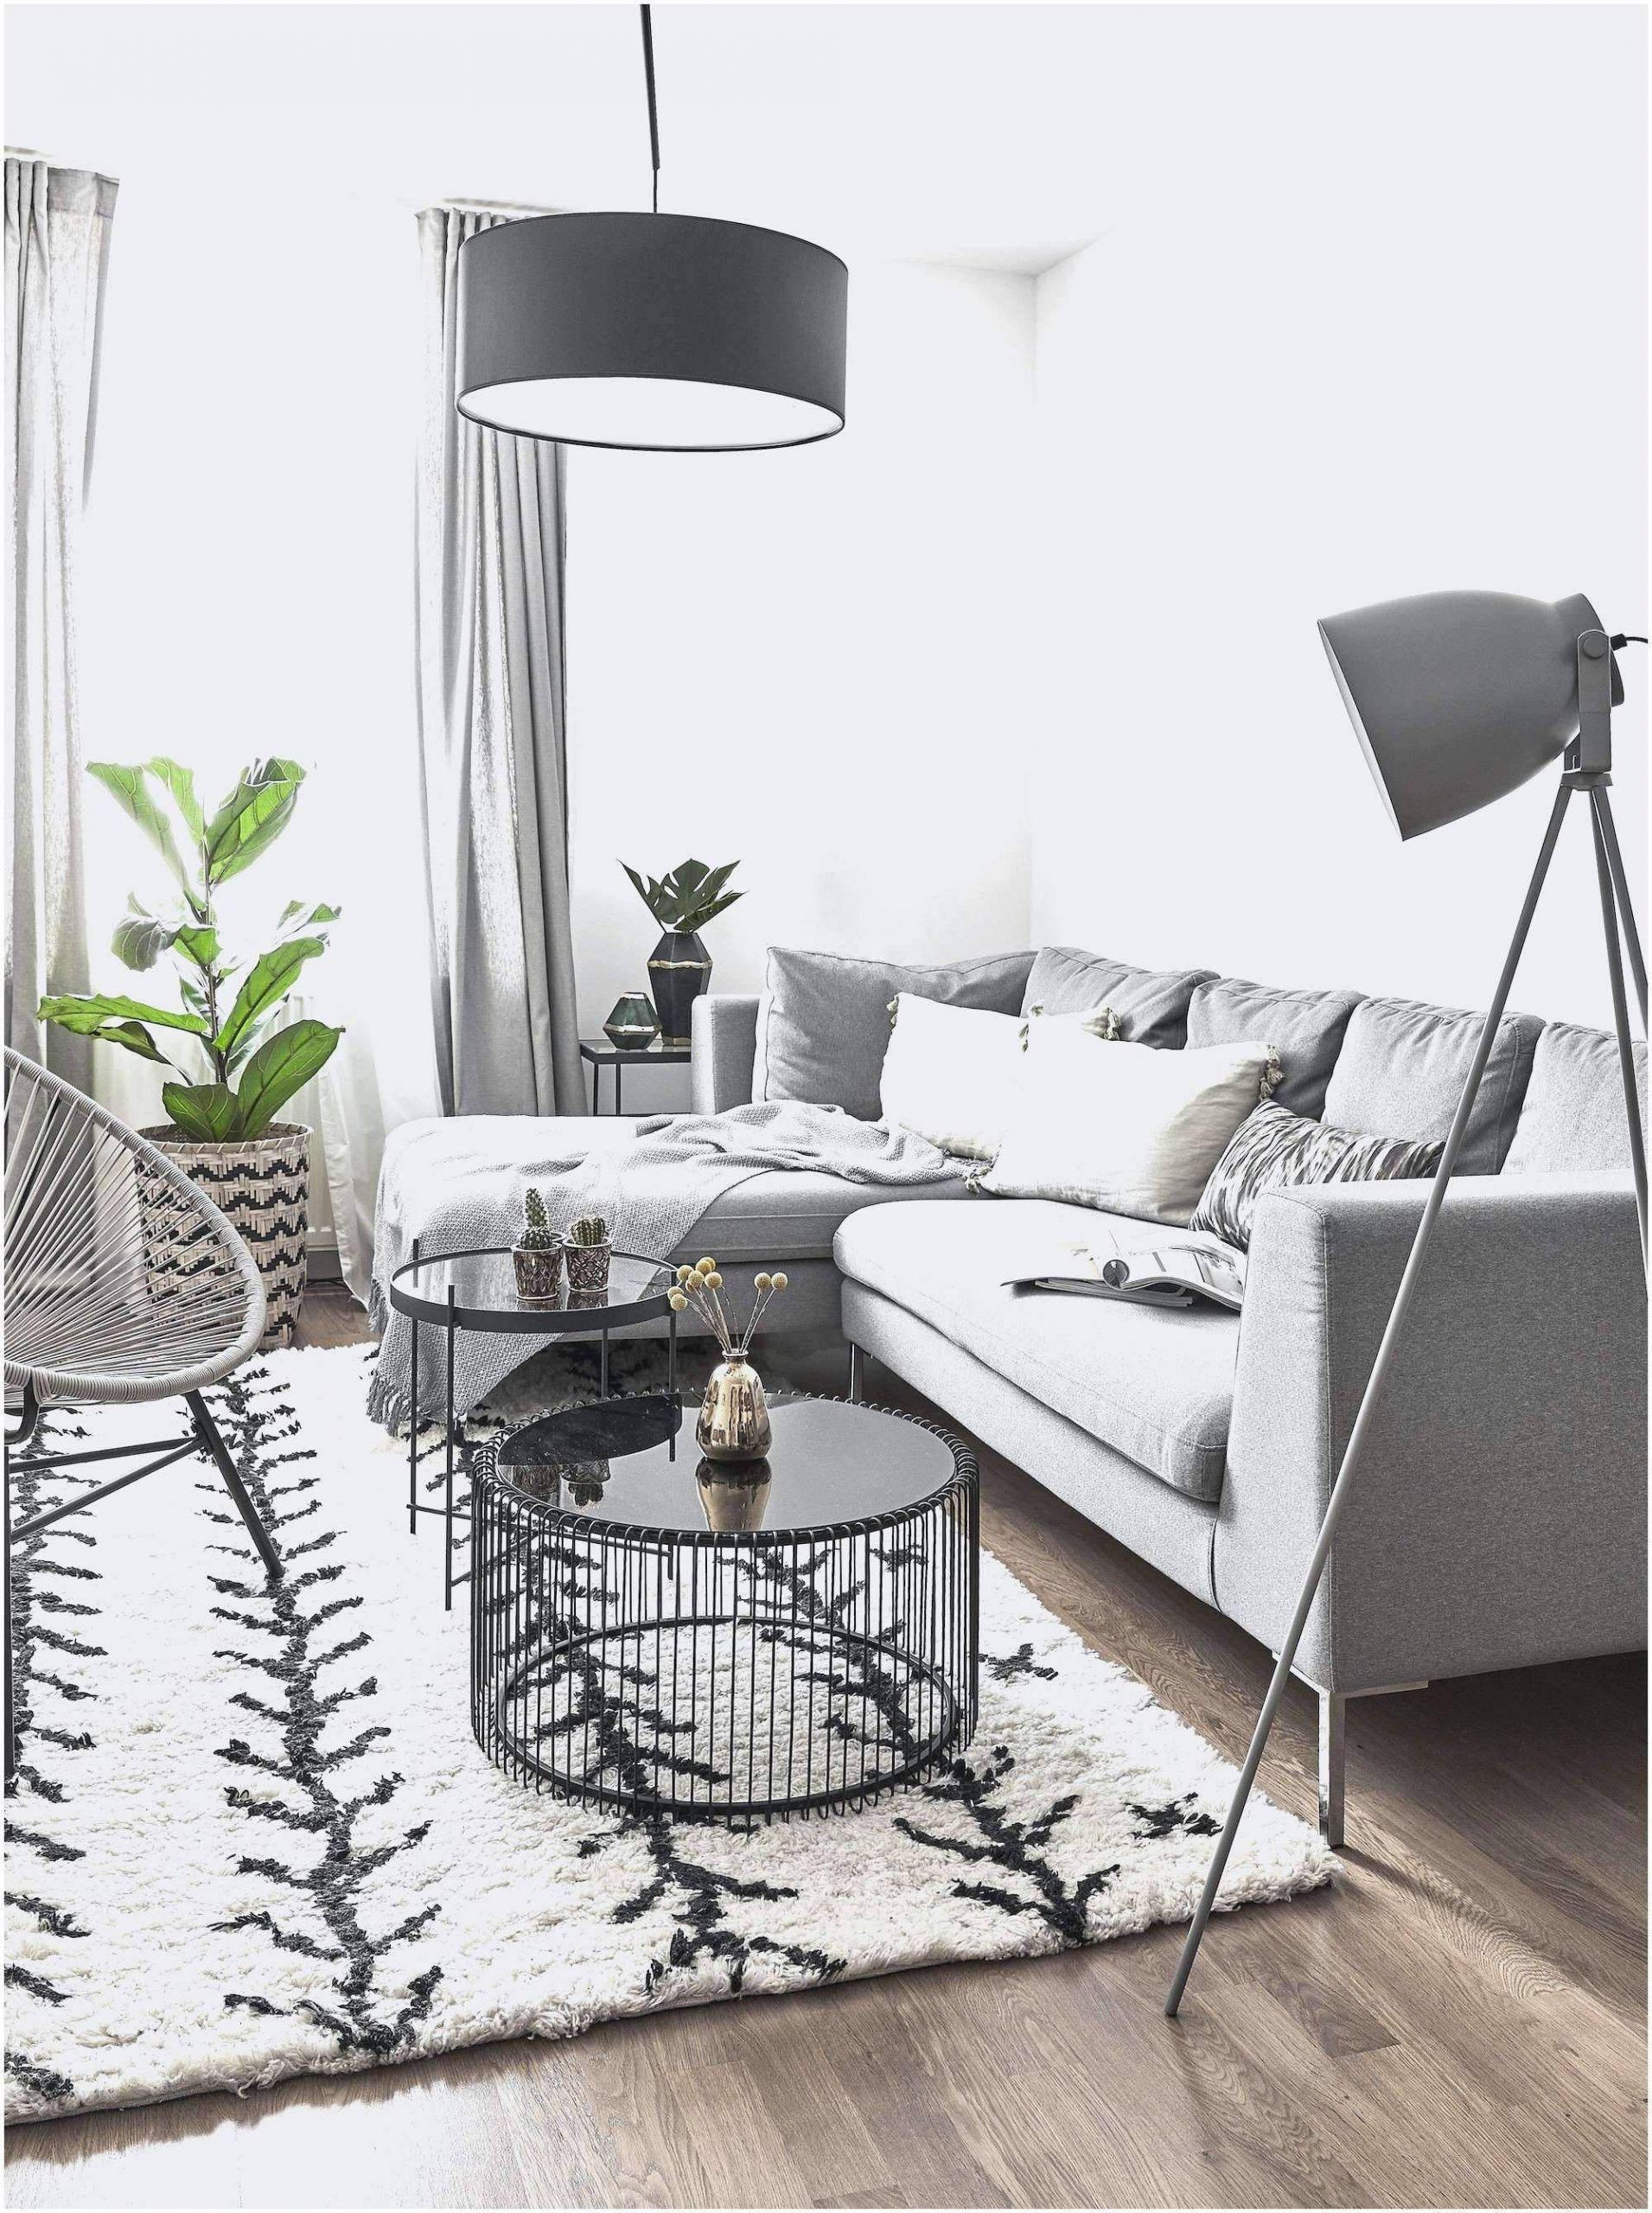 new ikea wohnzimmer ideen bilder concept pc7o4b6e of ohrensessel landhausstil